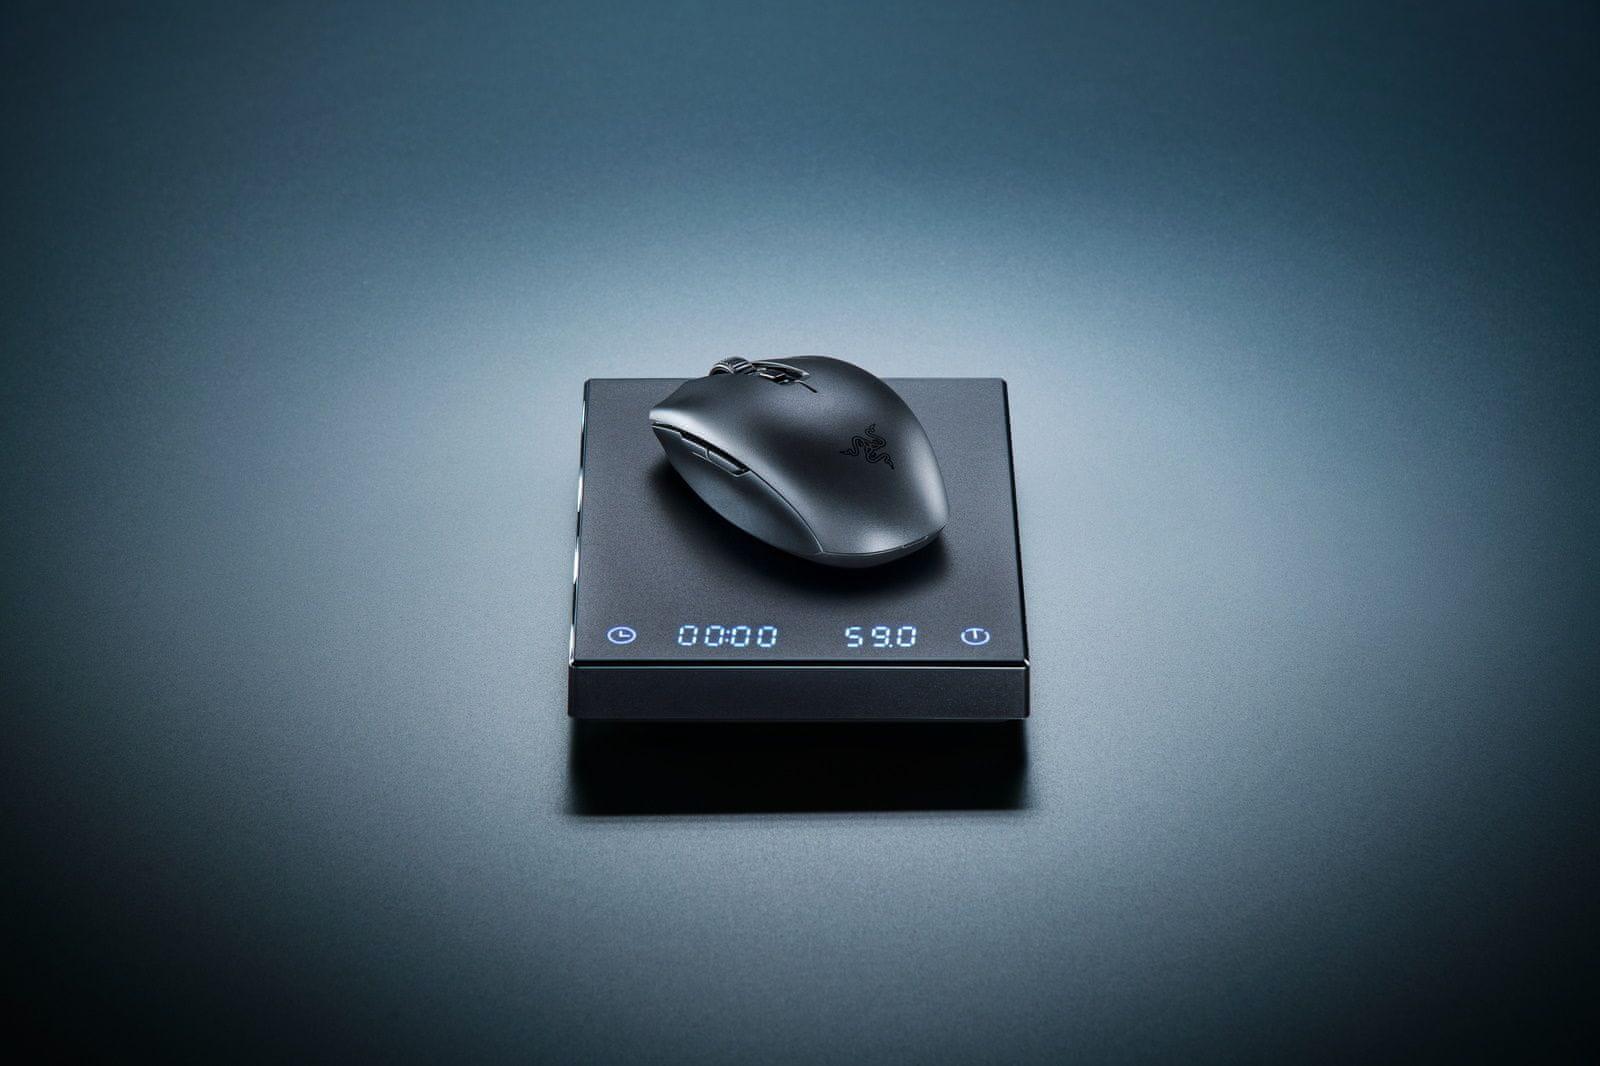 Herní myš Razer Deathadder V2 Pro (RZ01-03350100-R3G1) drátová optická